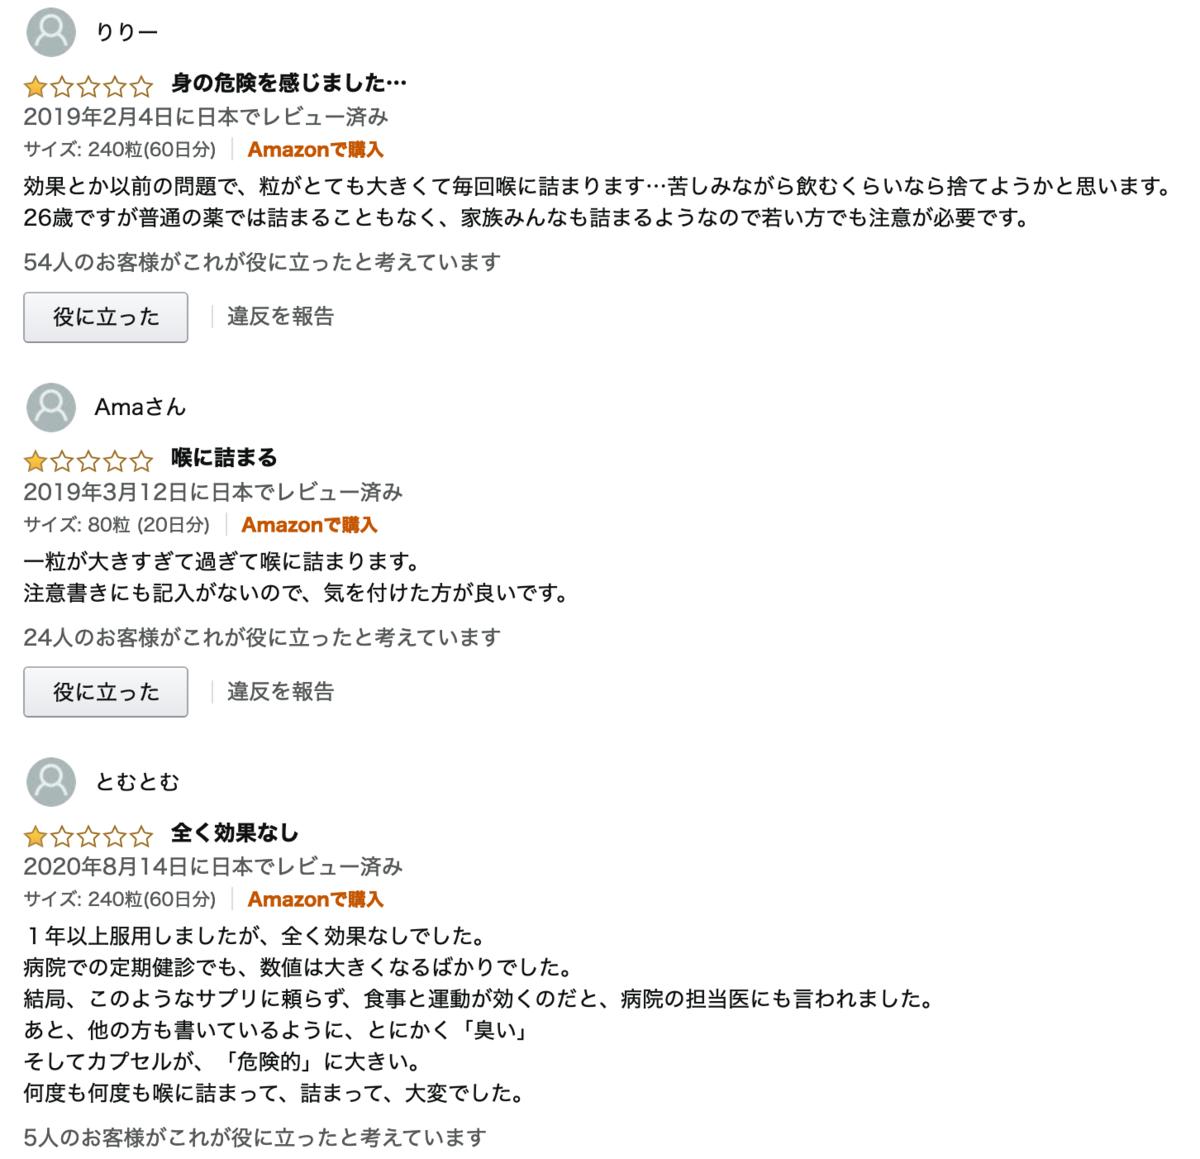 f:id:tokyolovefood:20210228180238p:plain